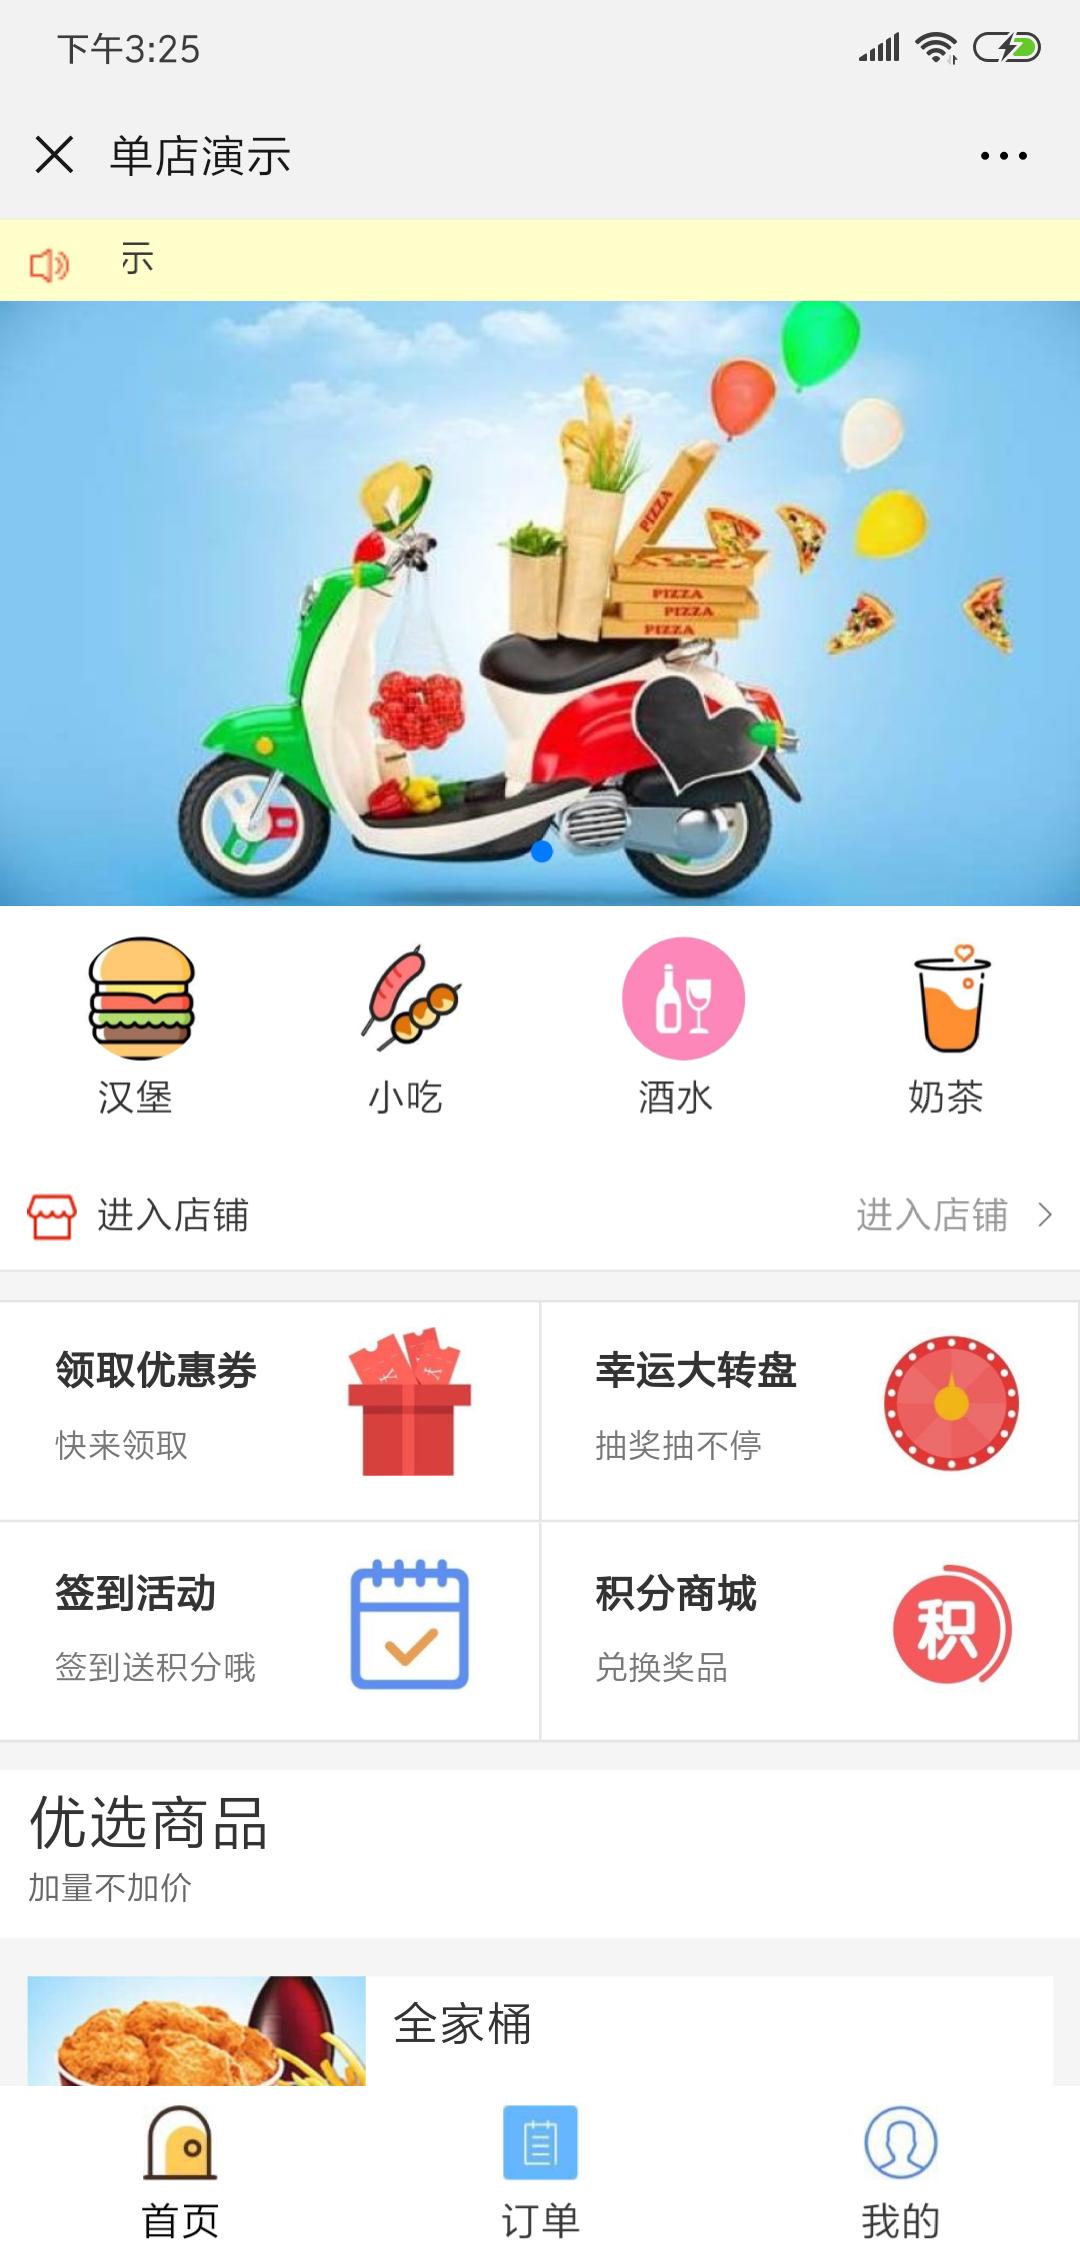 什么是微信订餐系统软件?有哪些优势? - 第2张  | 云快卖新手学院